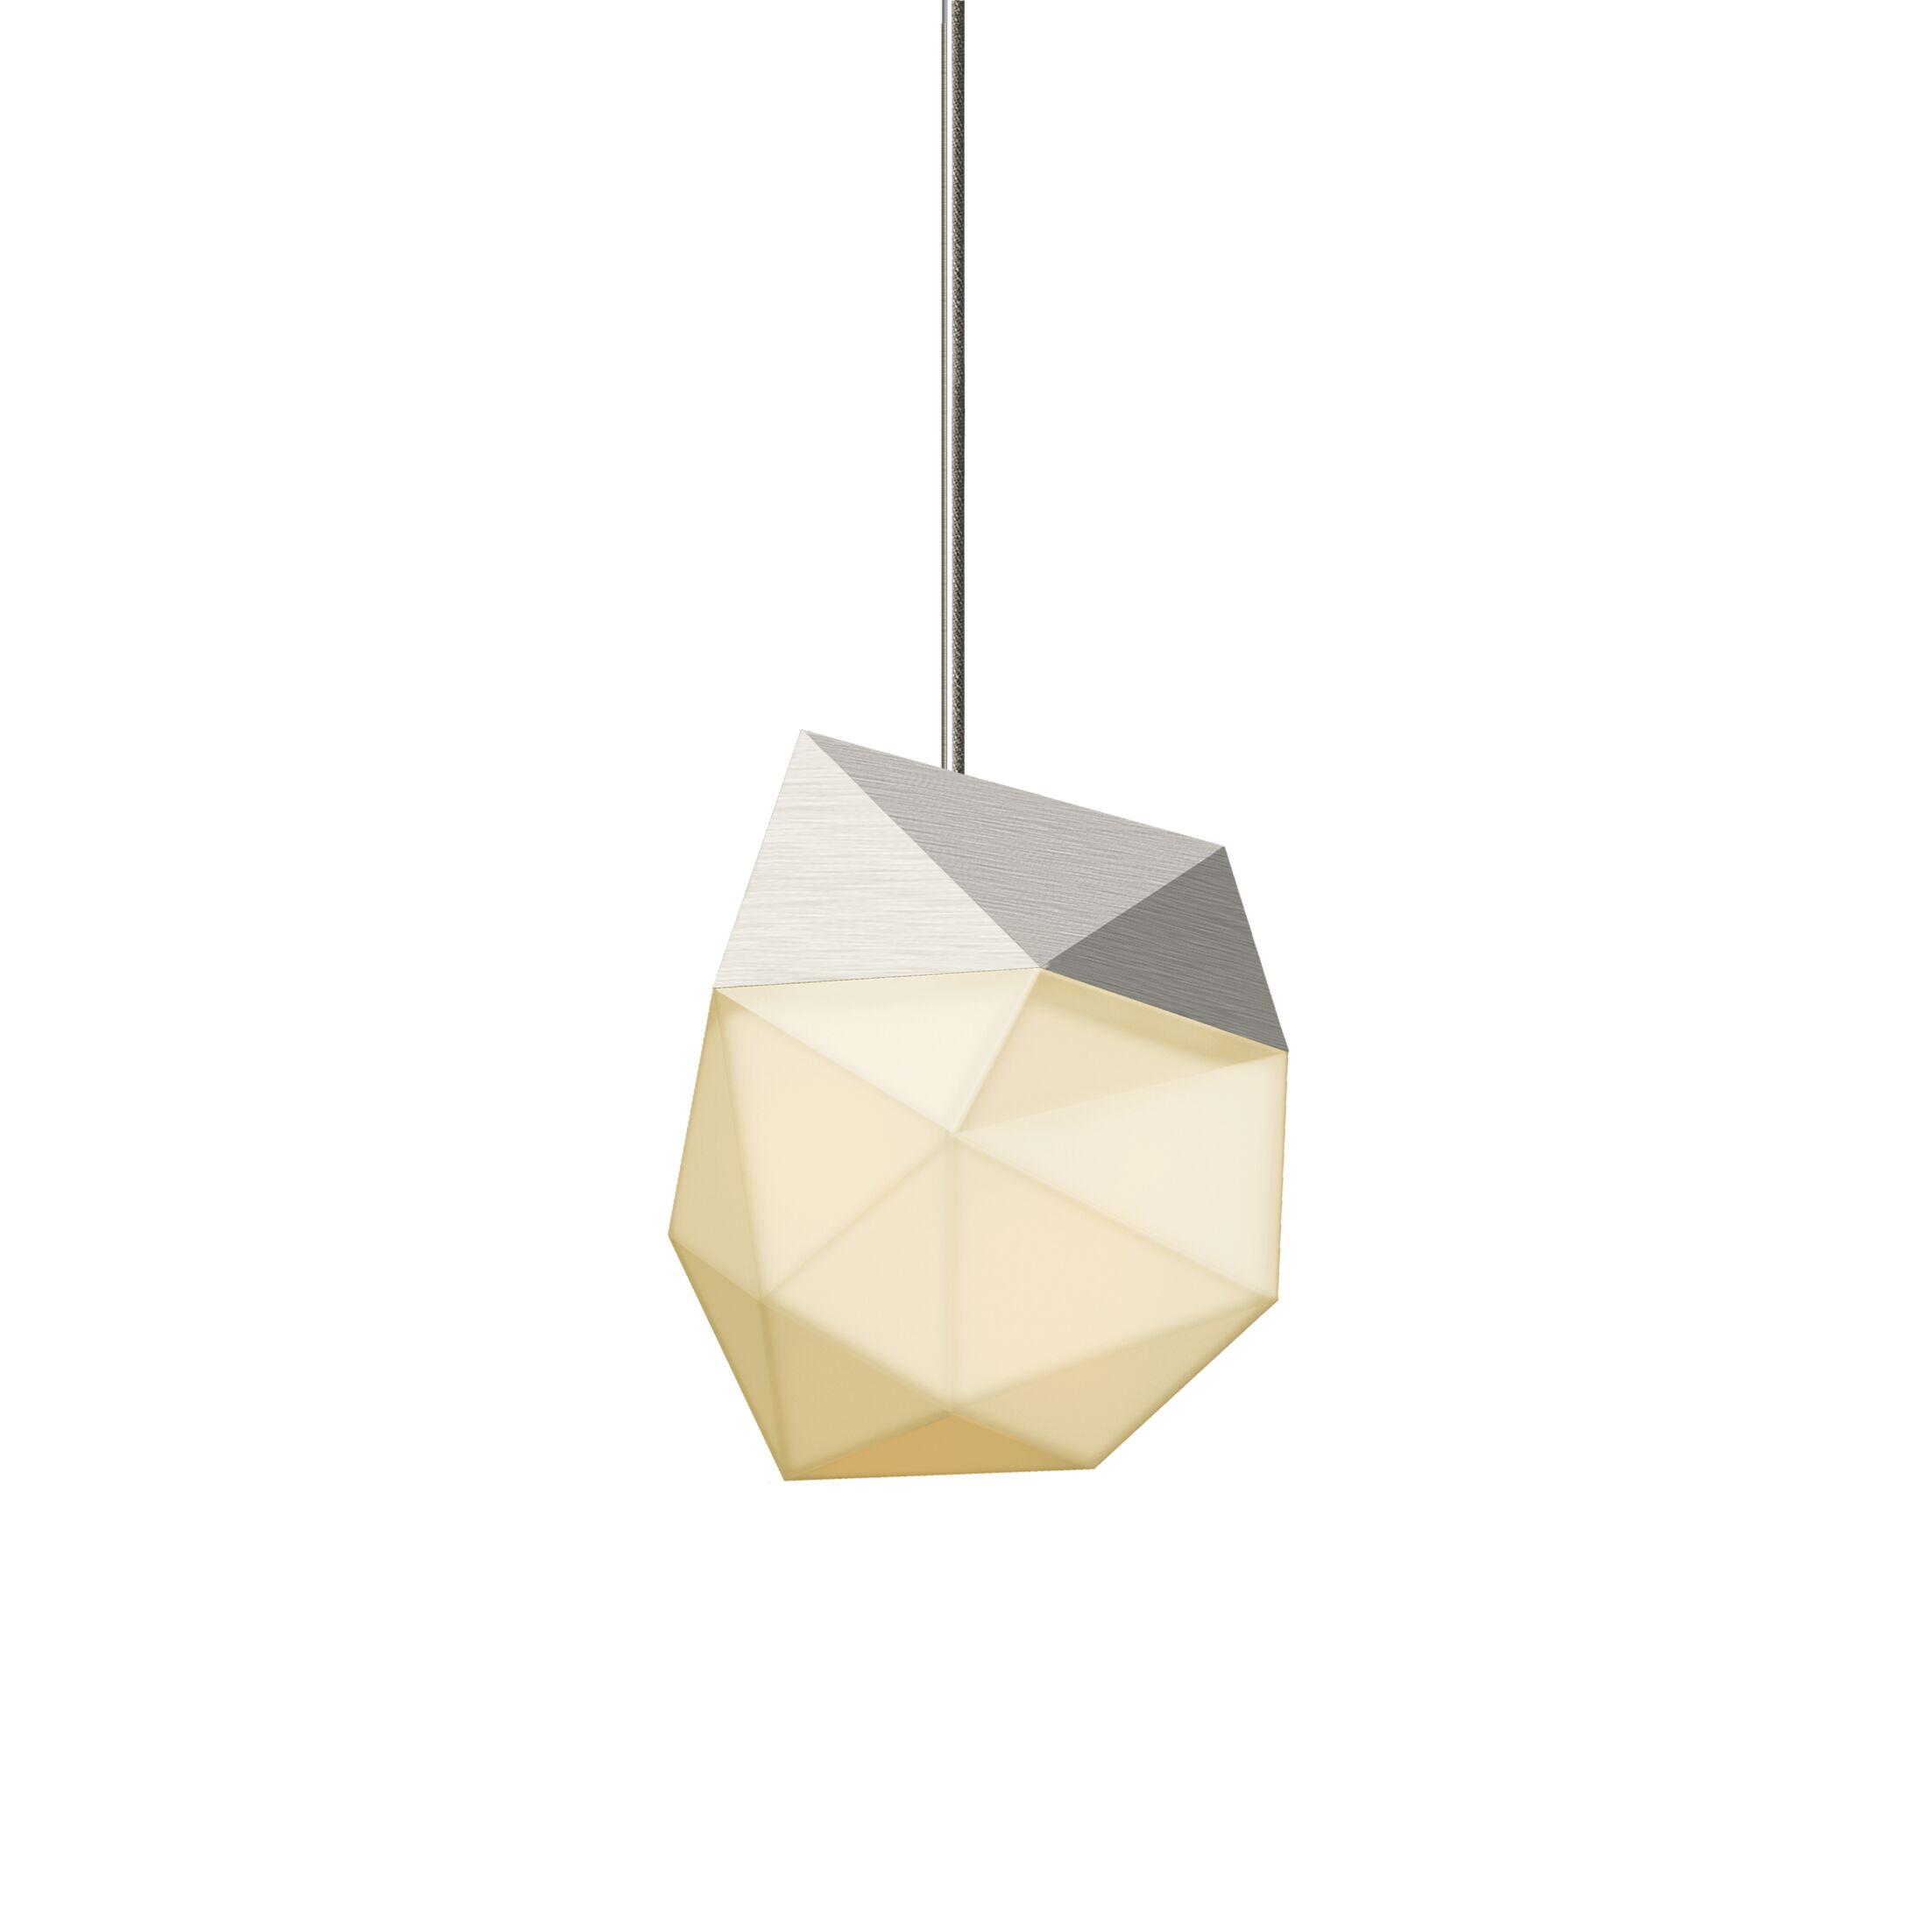 1-Light  LED Novelty Pendant Finish: Satin Nickel